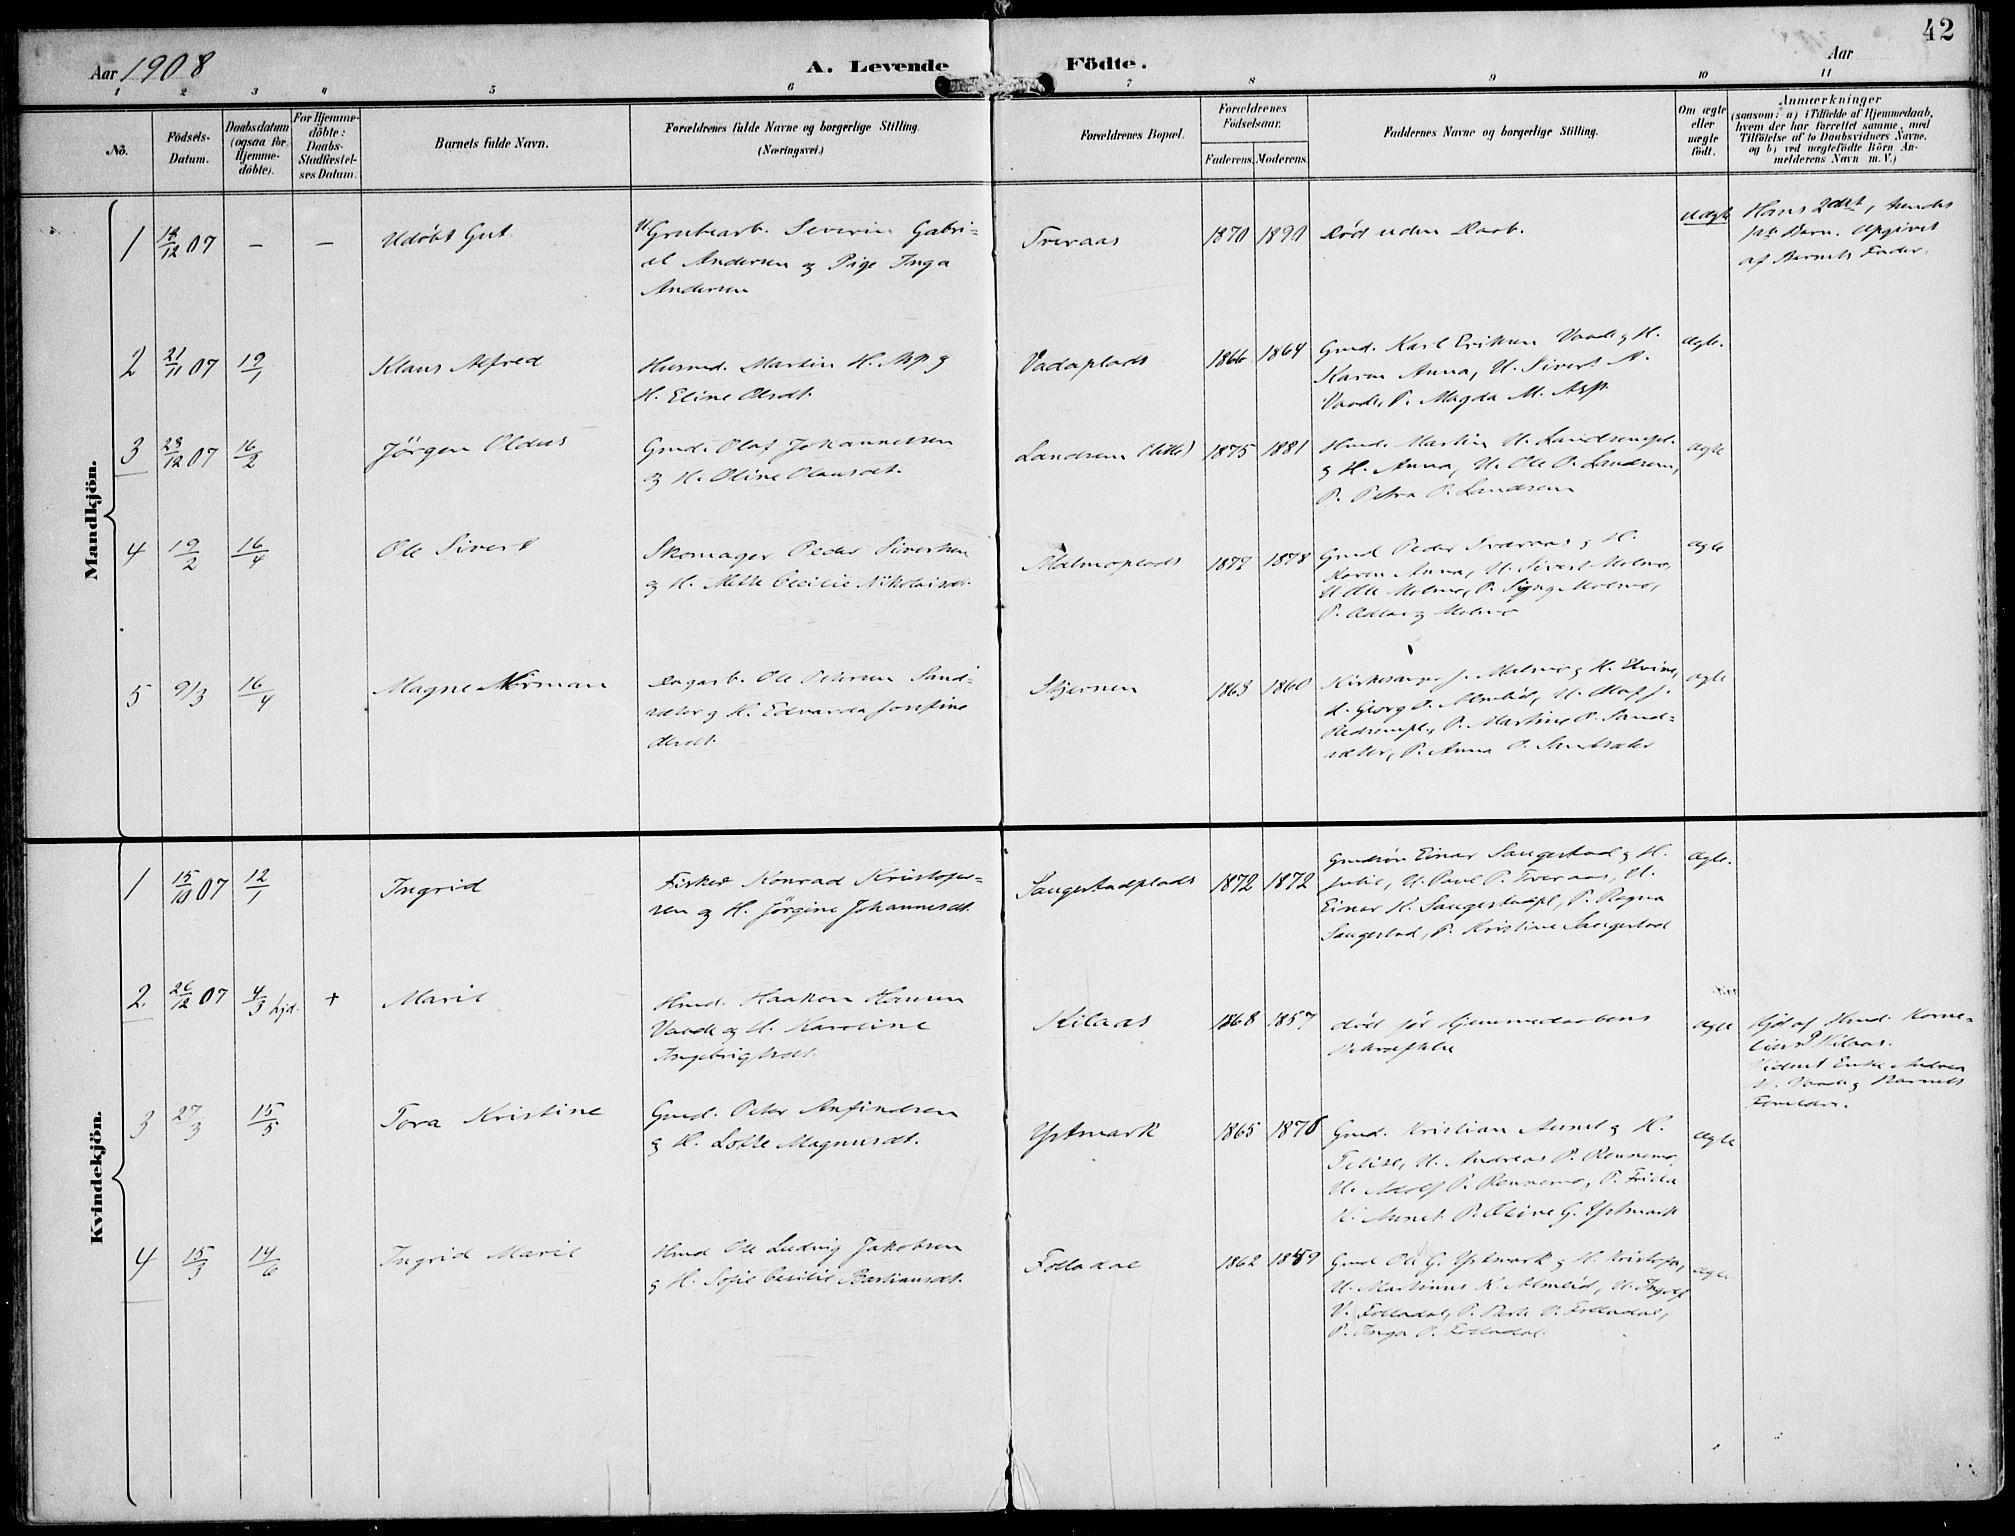 SAT, Ministerialprotokoller, klokkerbøker og fødselsregistre - Nord-Trøndelag, 745/L0430: Ministerialbok nr. 745A02, 1895-1913, s. 42